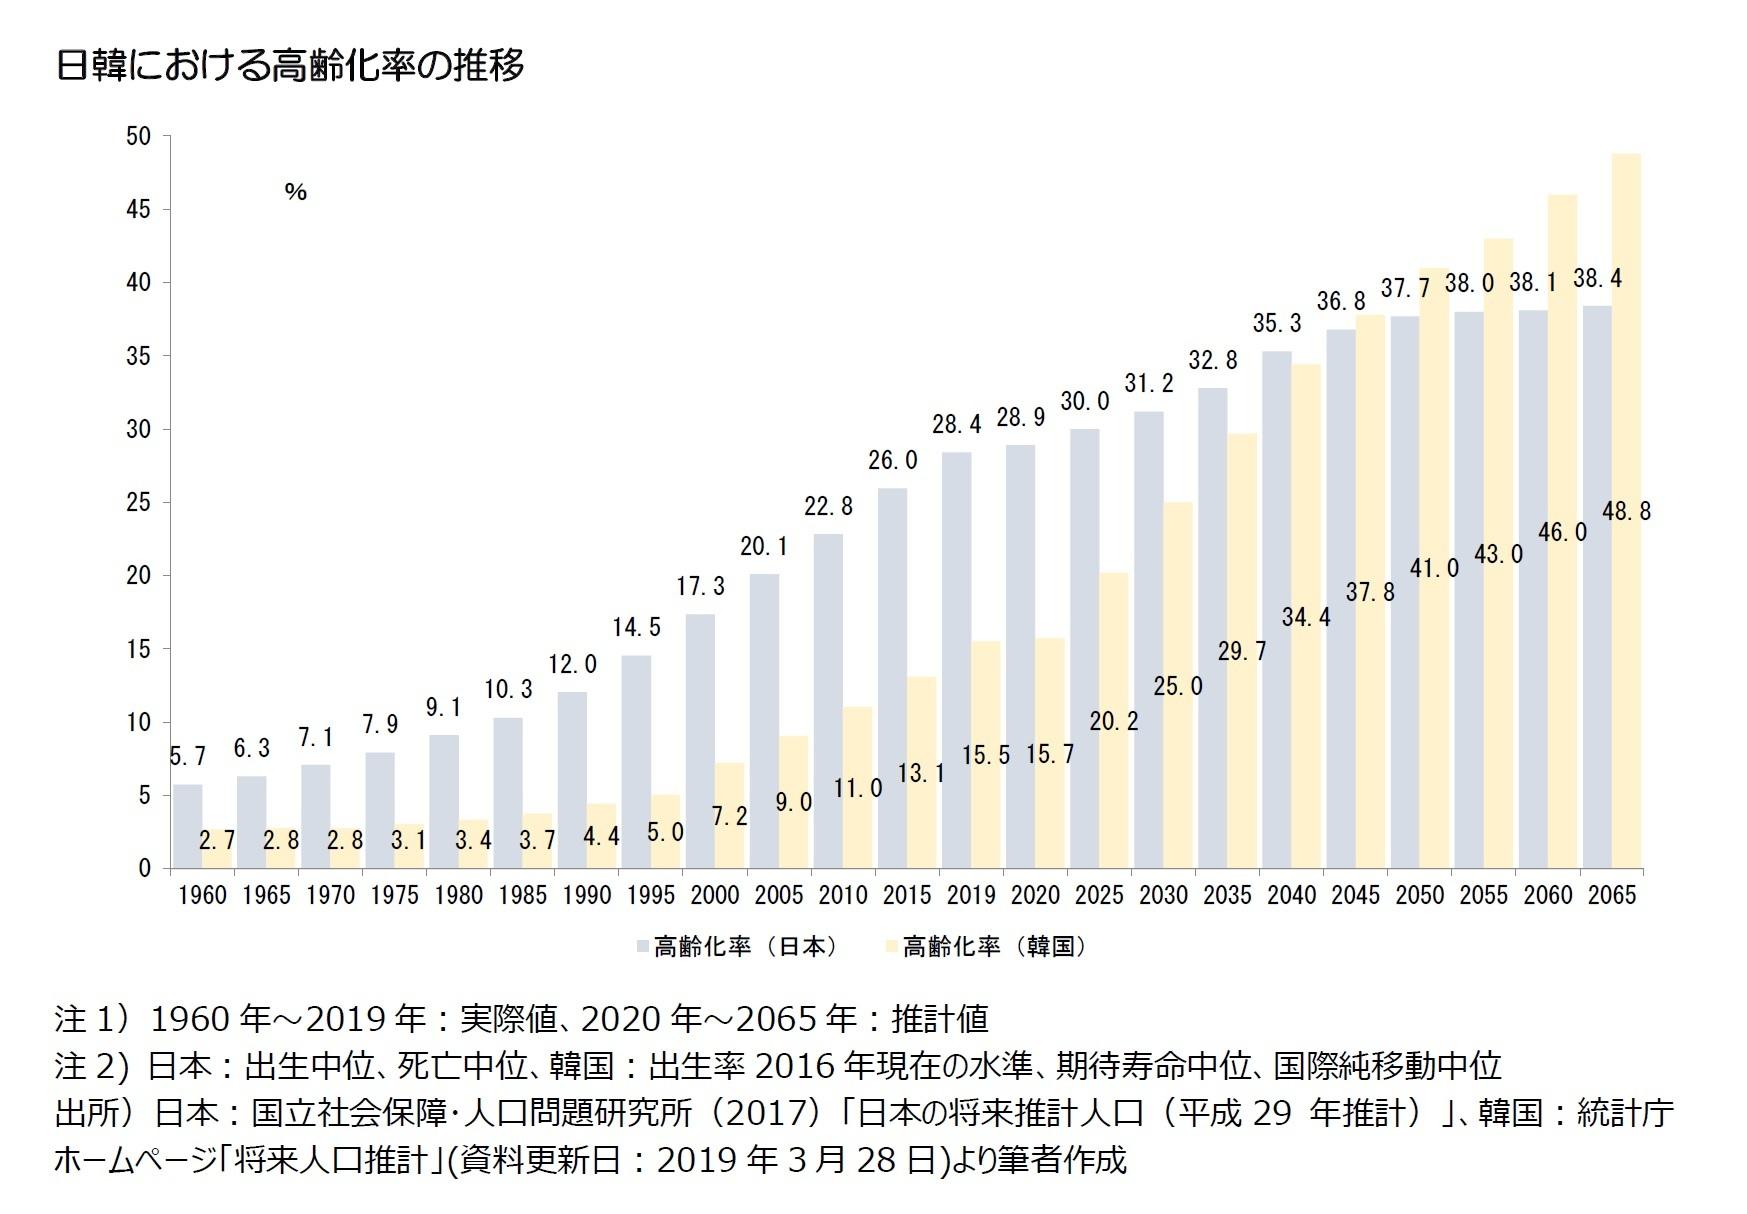 日韓における高齢化率の推移